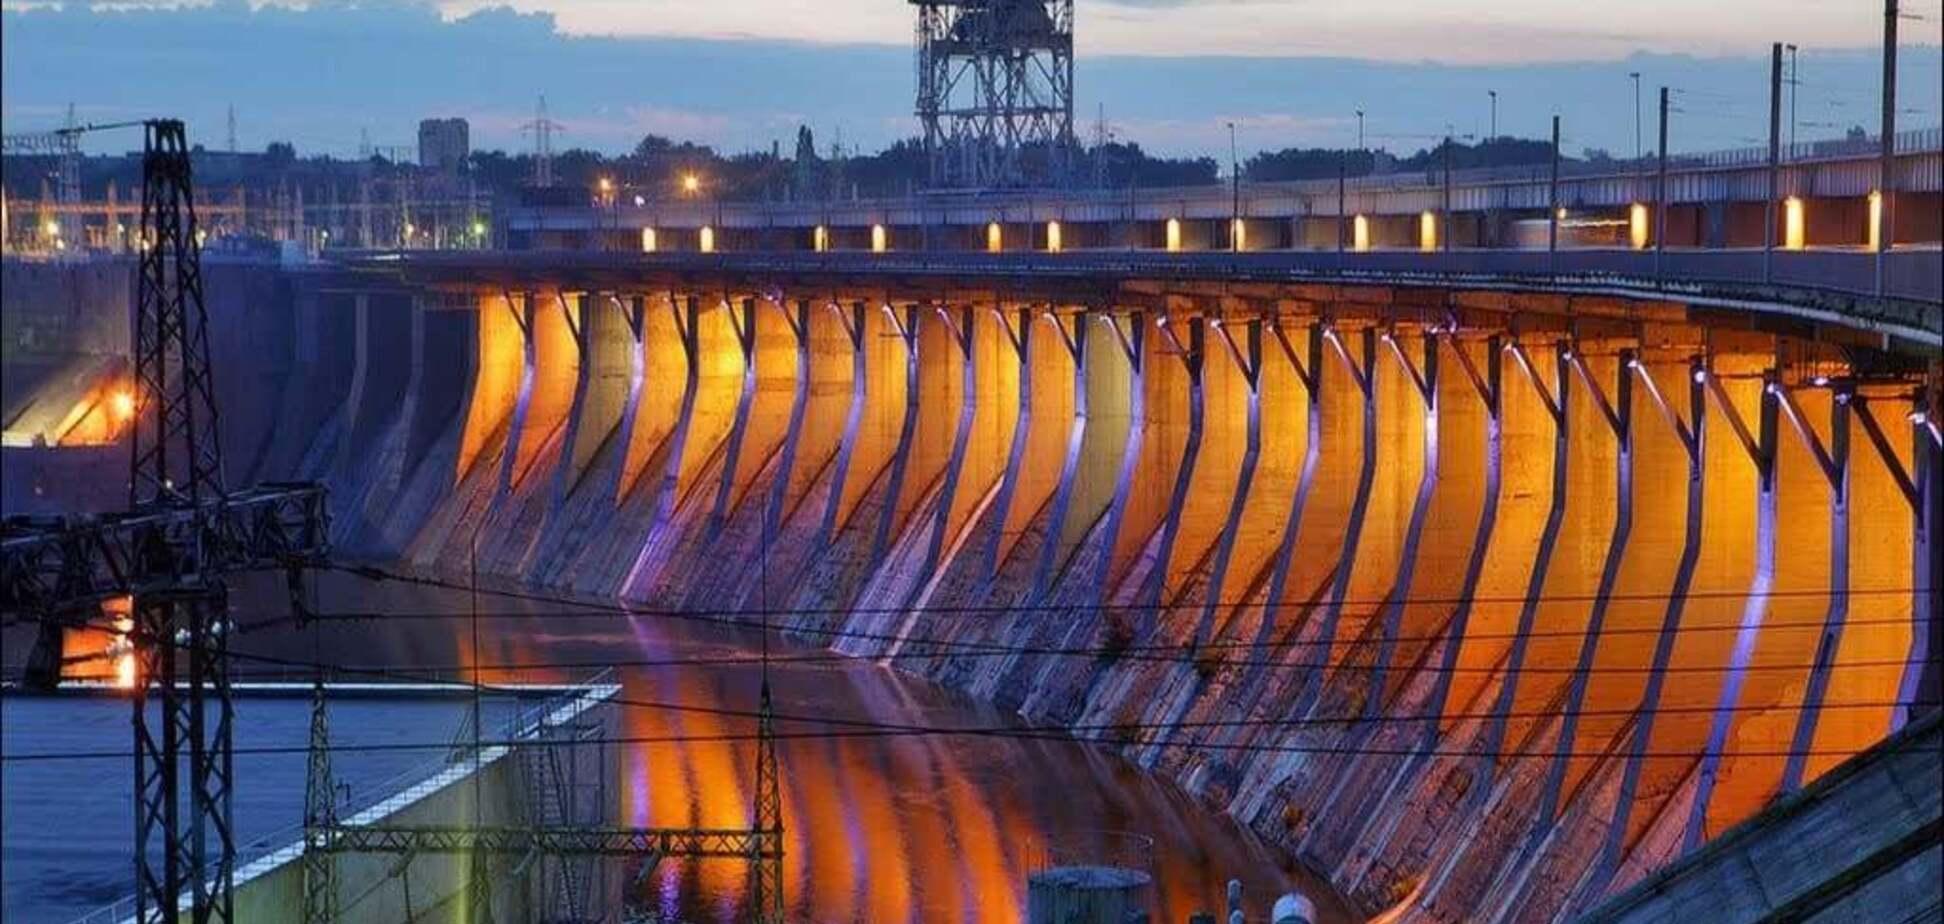 Пренебрежение обслуживанием водохранилищ приведет к катастрофе и многочисленным жертвам - экоактивисты